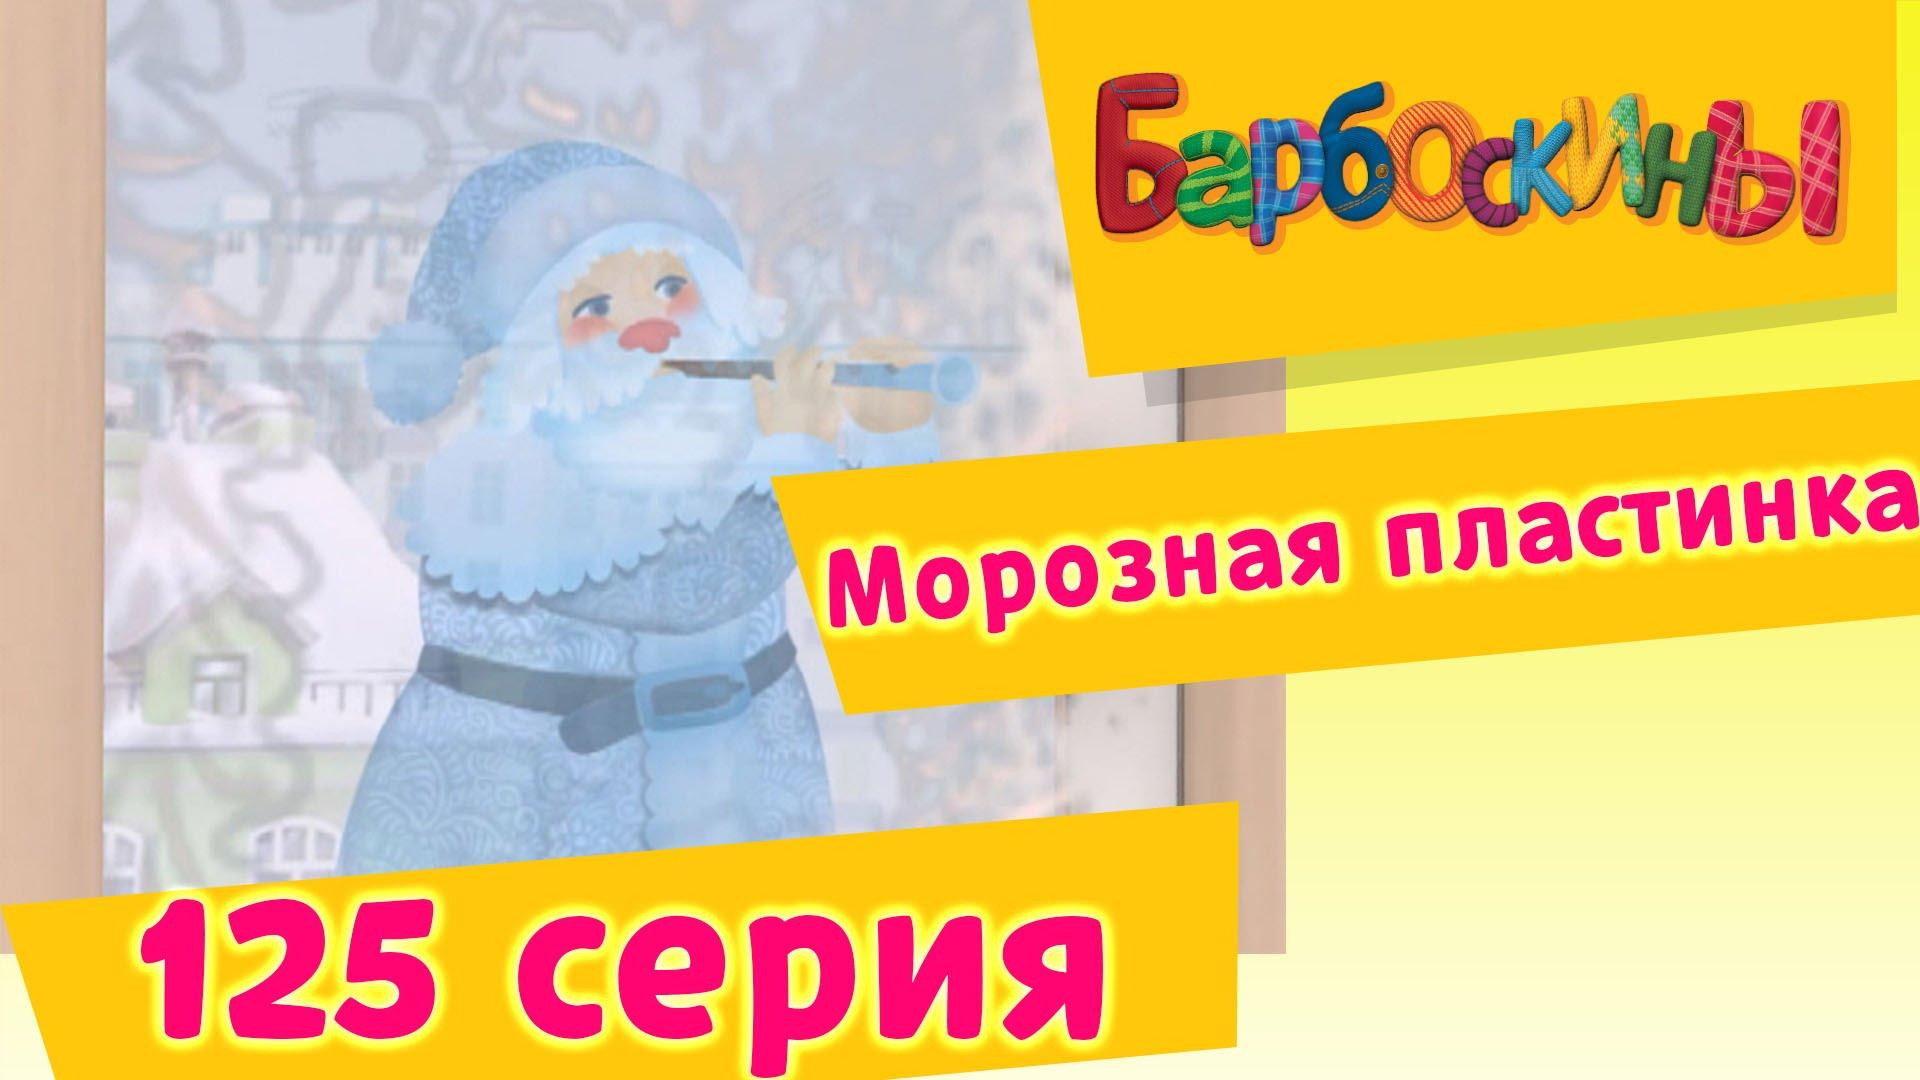 Барбоскины — 125 серия. Морозная пластинка